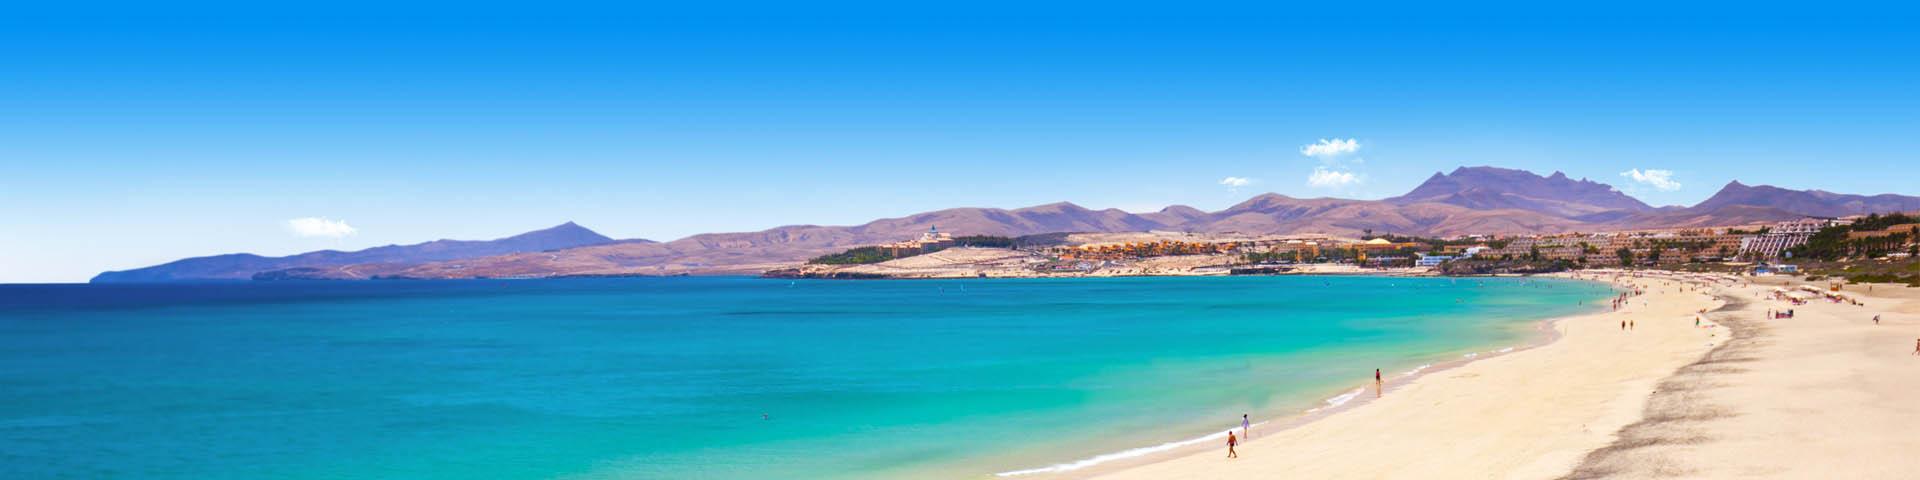 Blauwe zee met bergen in Costa Calma